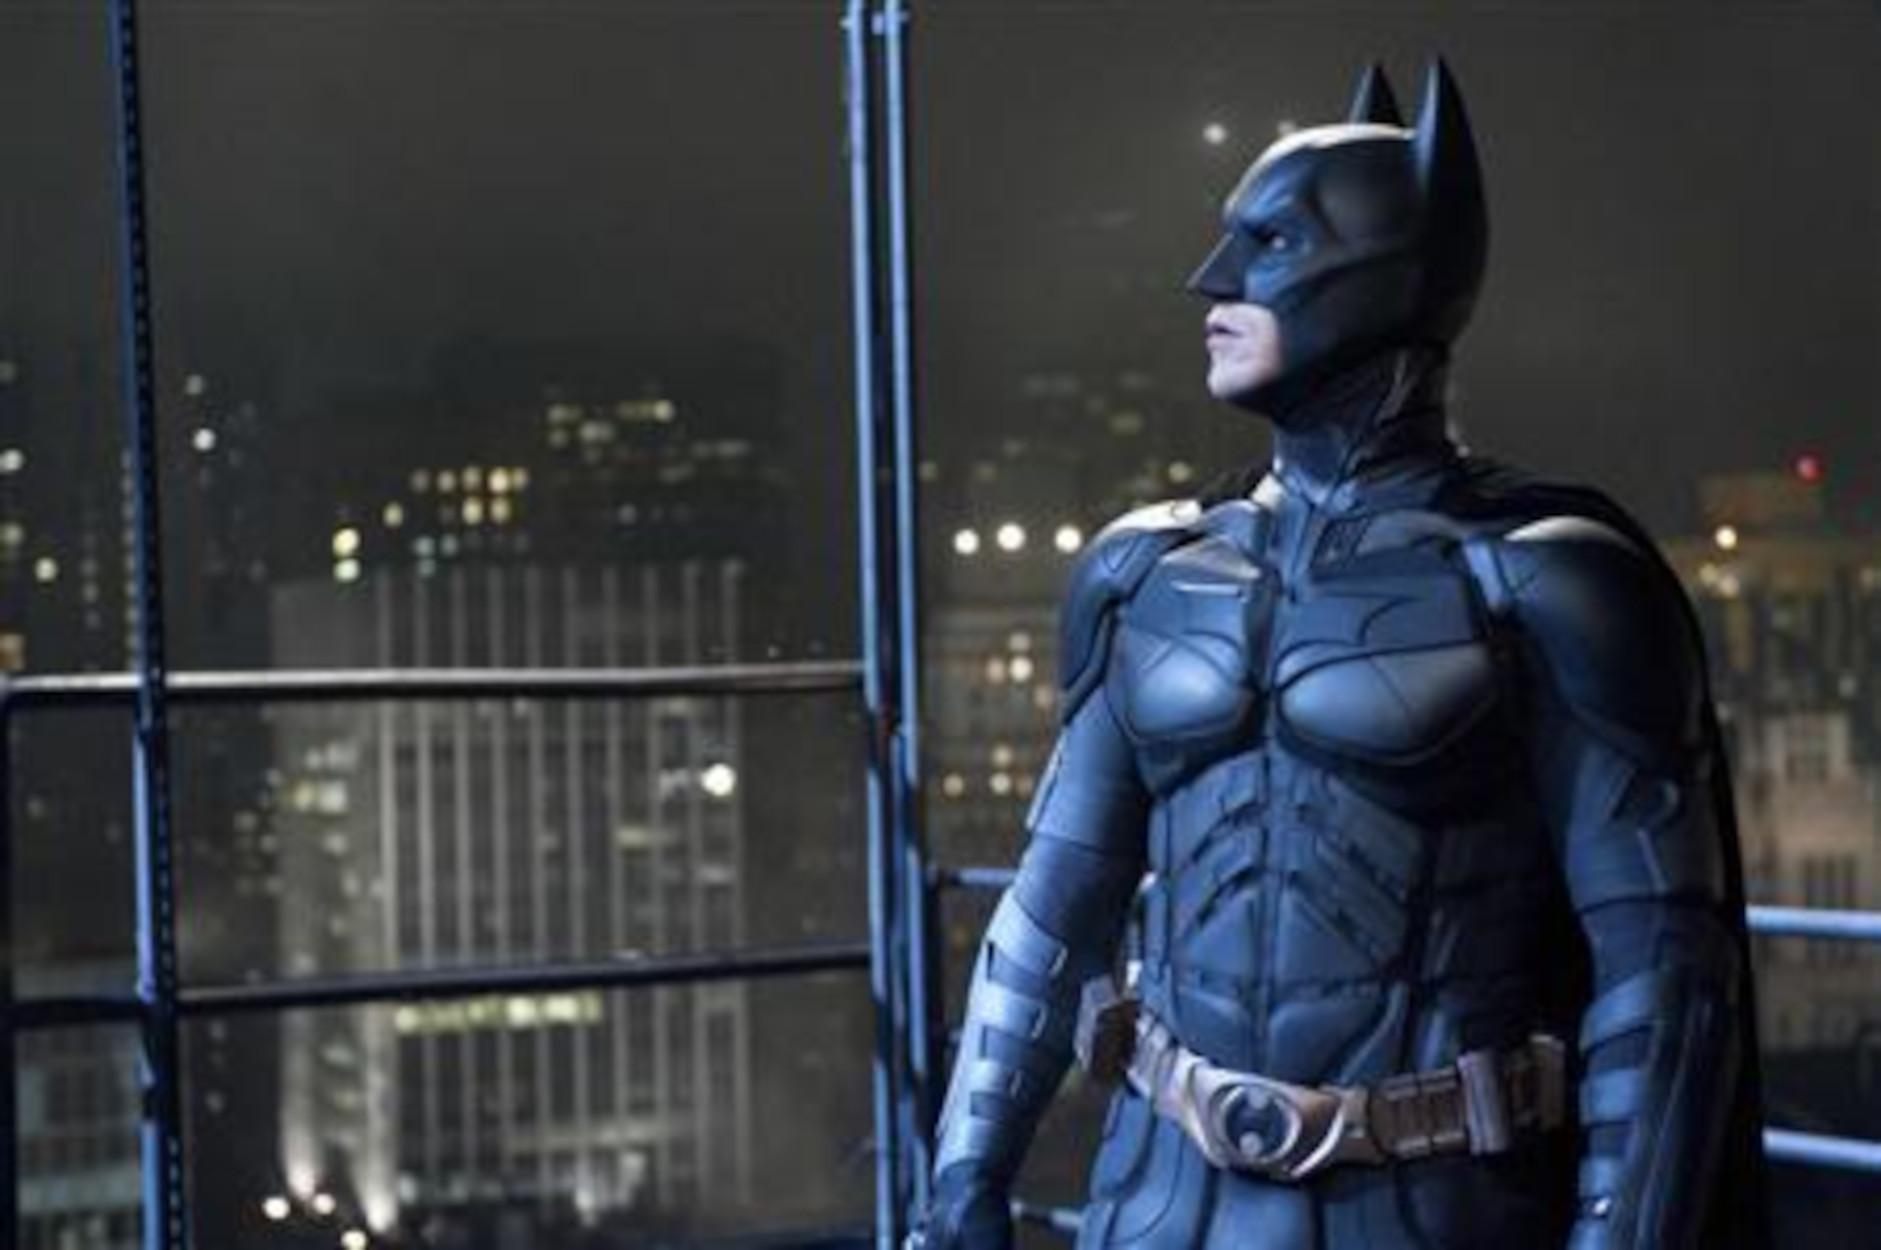 Γερουσιαστής έχει εμφανιστεί σε… πέντε ταινίες Batman! (video)